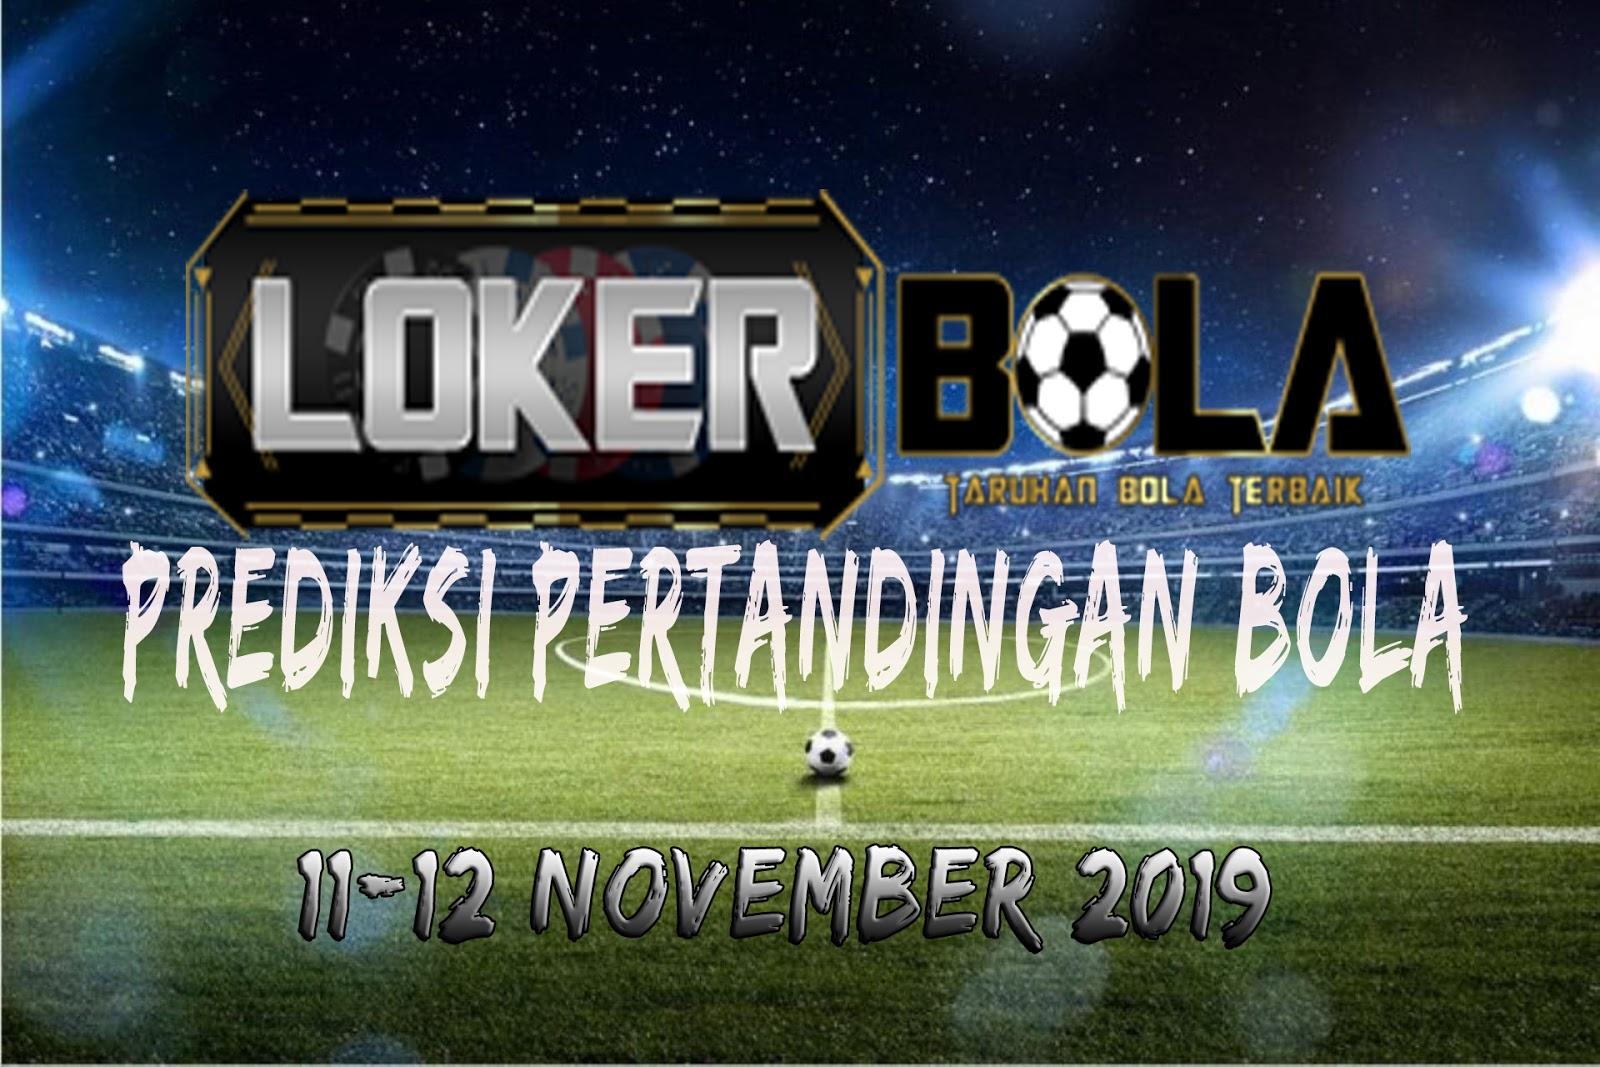 PREDIKSI PERTANDINGAN BOLA 11 – 12 NOVEMBER 2019